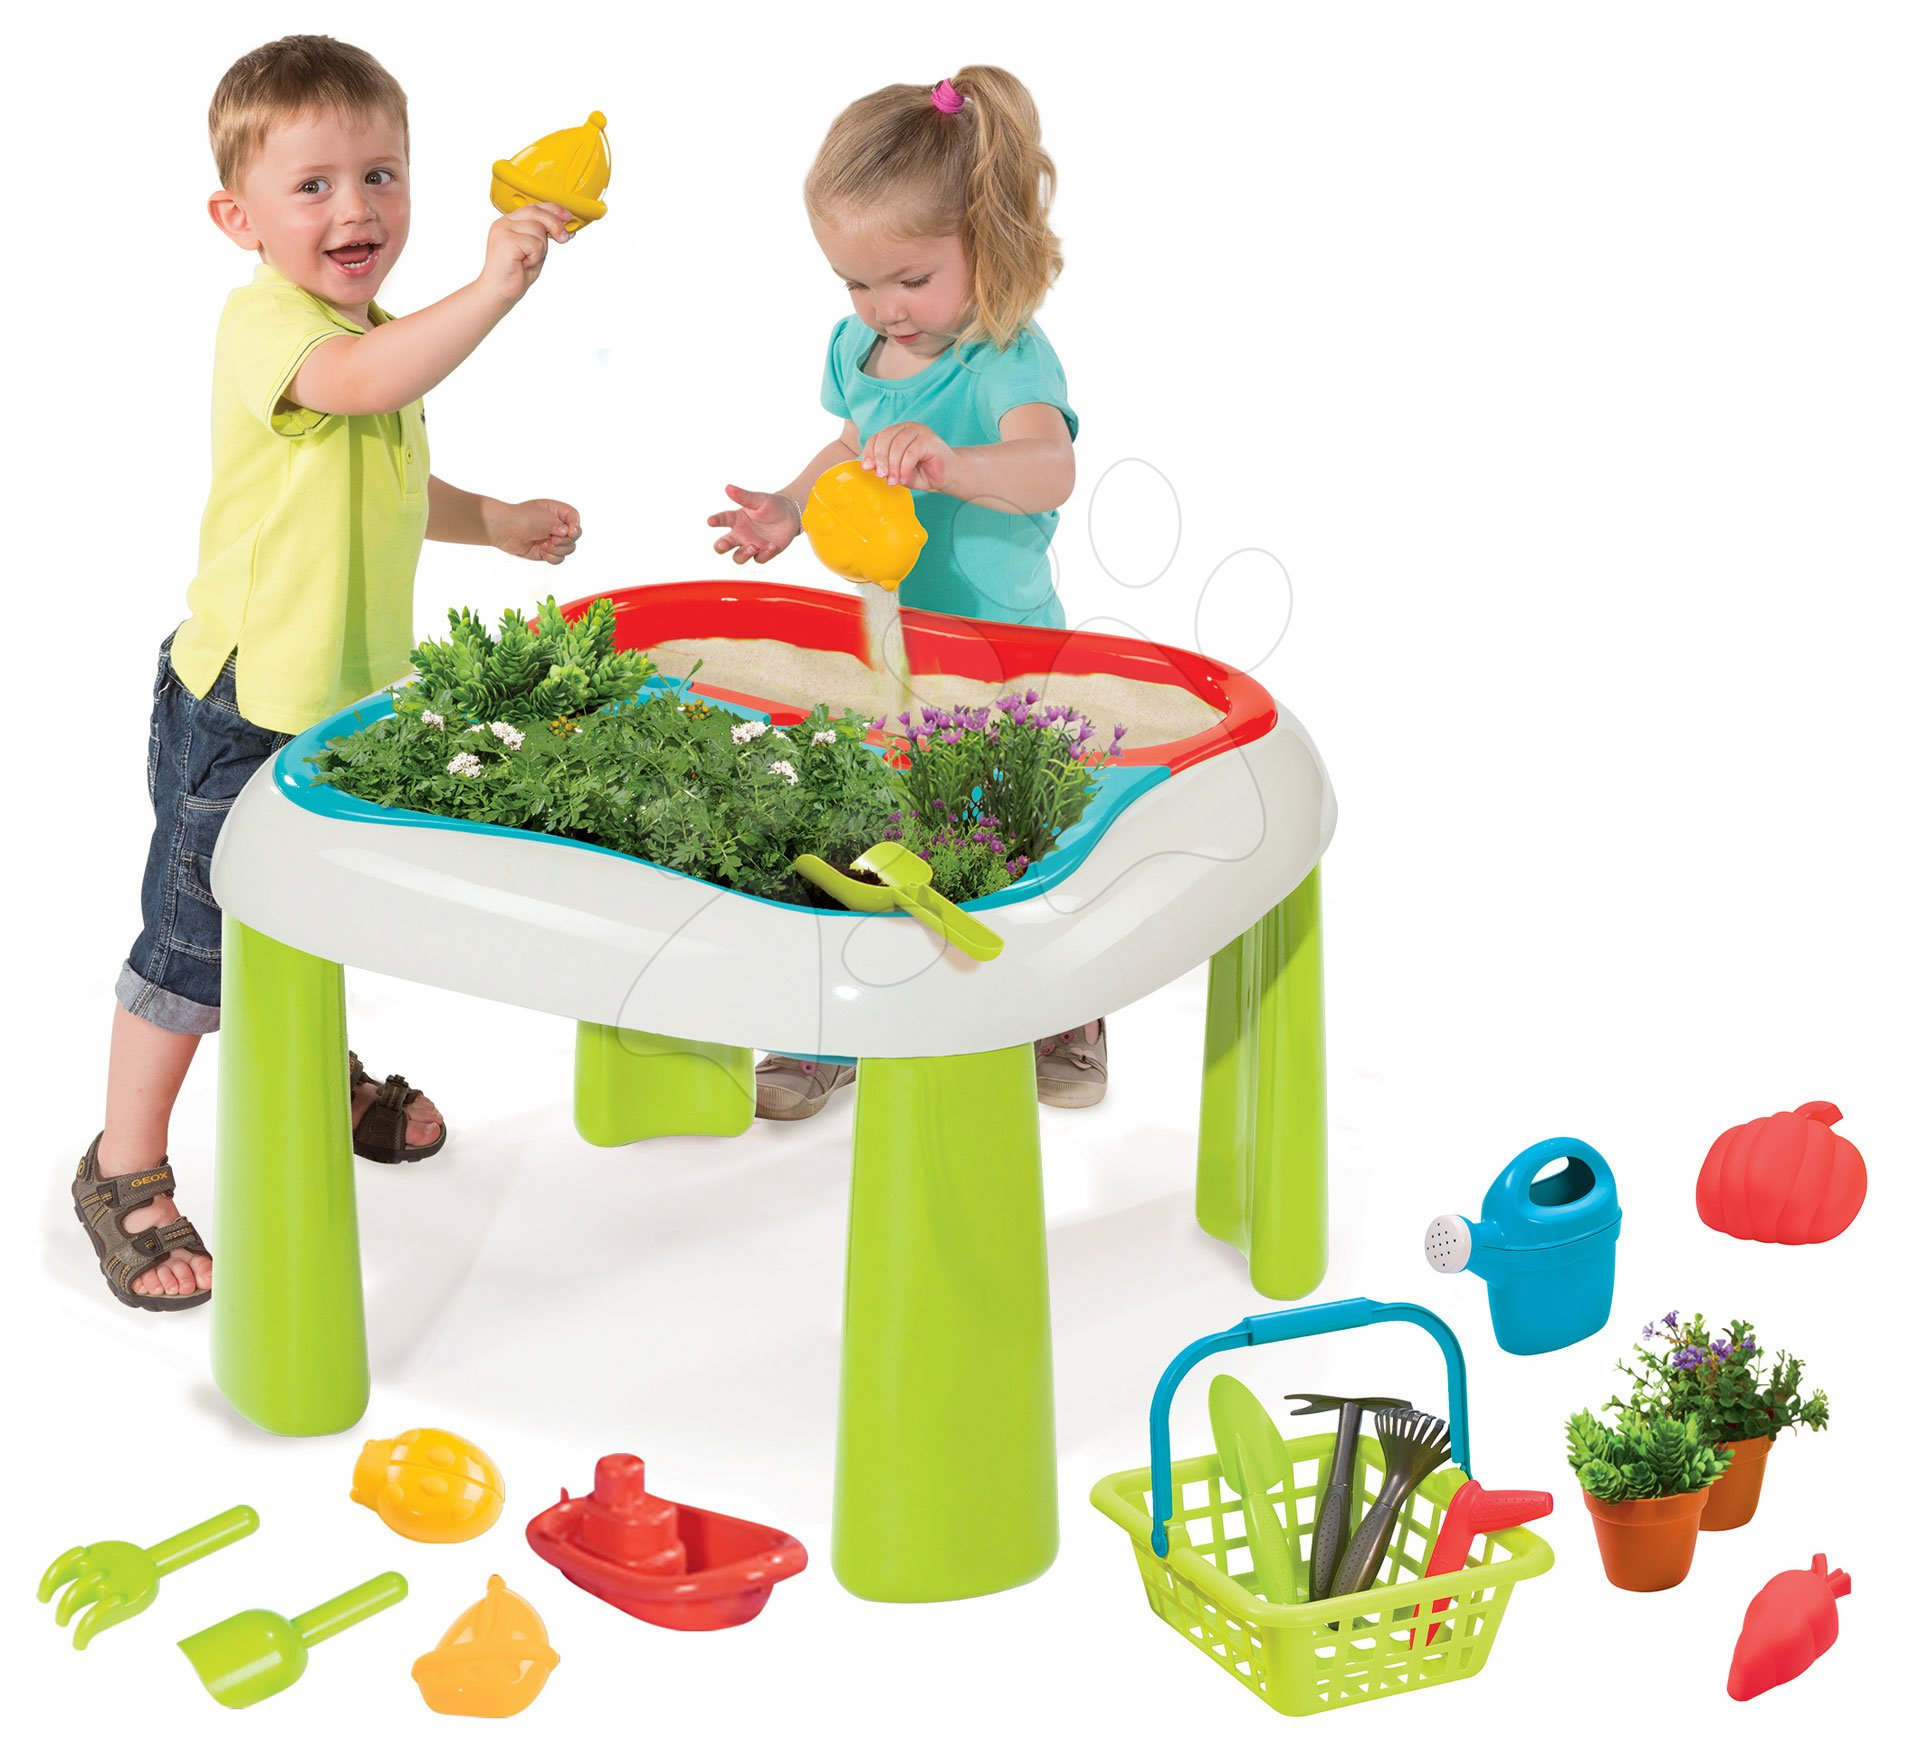 Stôl Záhradník De Jardinage 2v1 Smoby dvojdielny so záhradkou a pieskovisko/bazén s krytom a 15 doplnkami od 24 mes